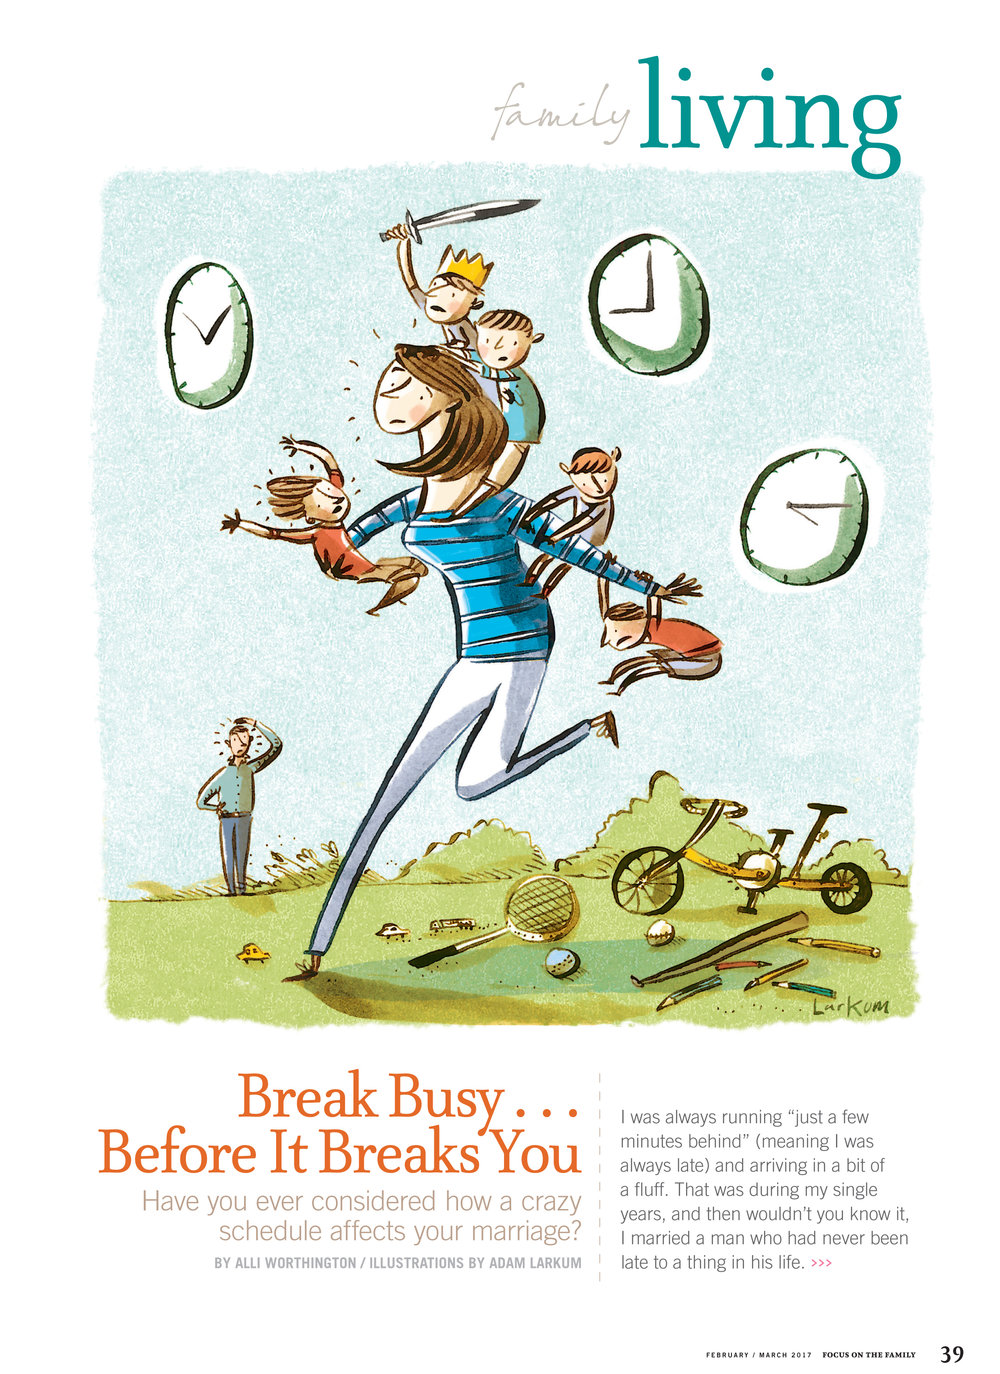 adam-larkum-break-busy-1.jpg